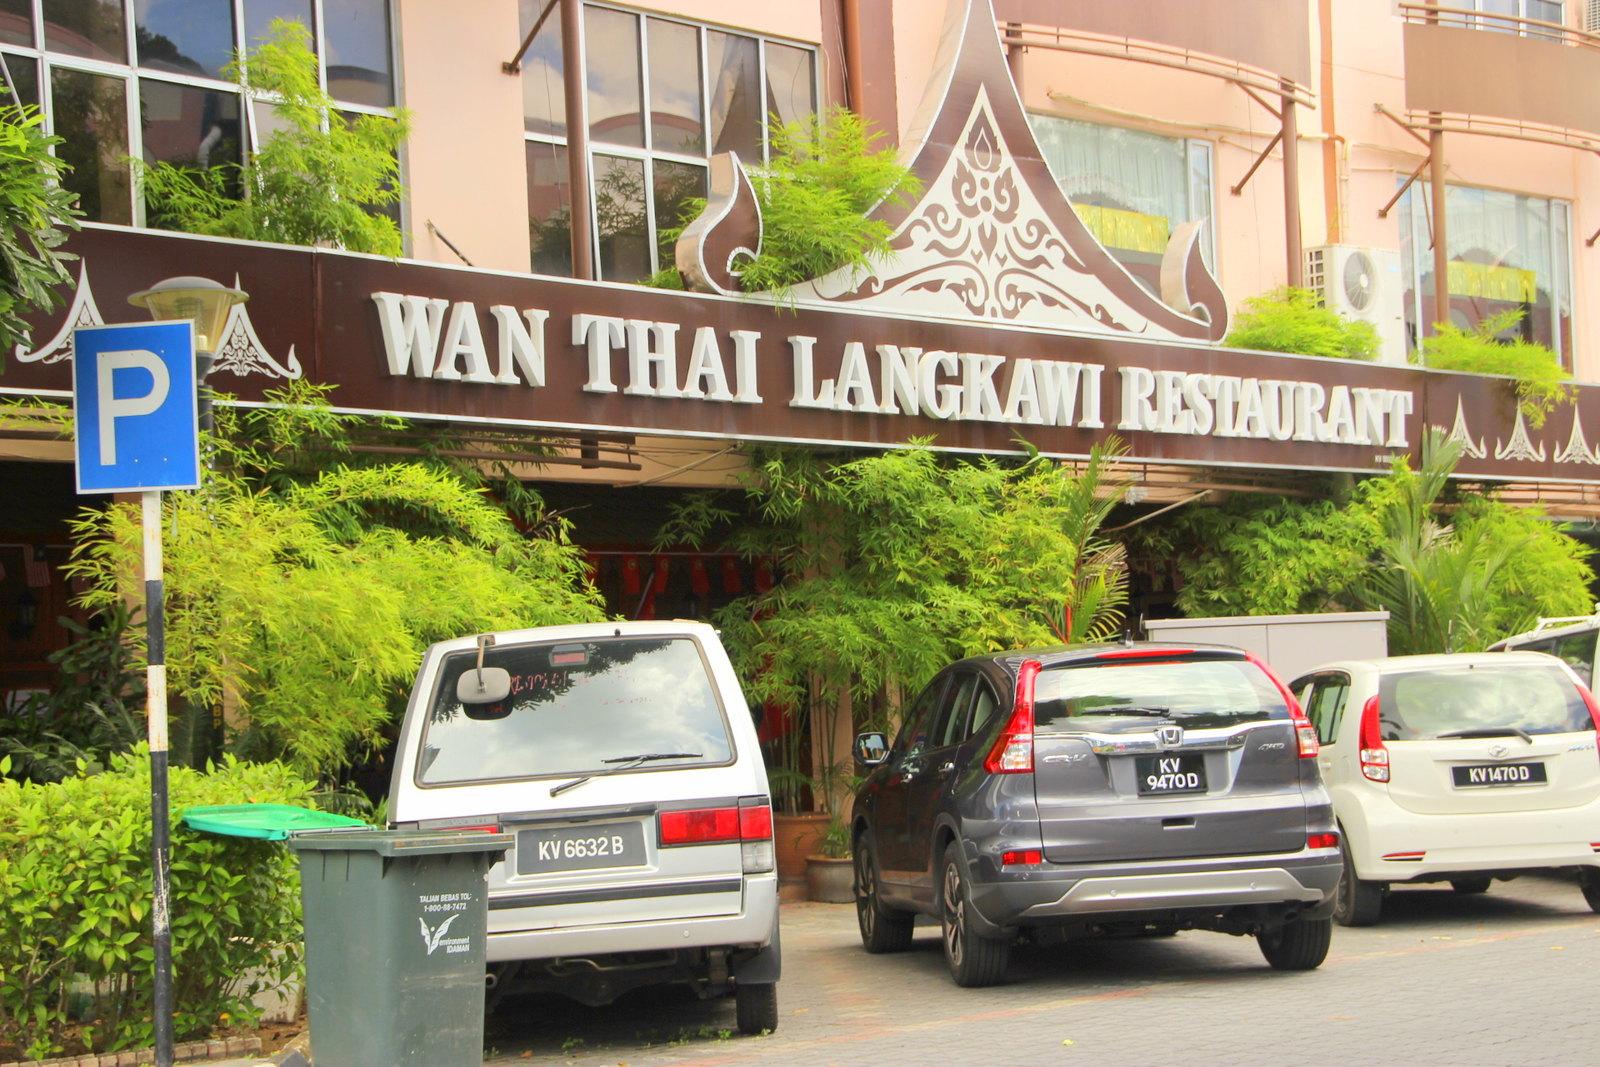 wan thai langkawi